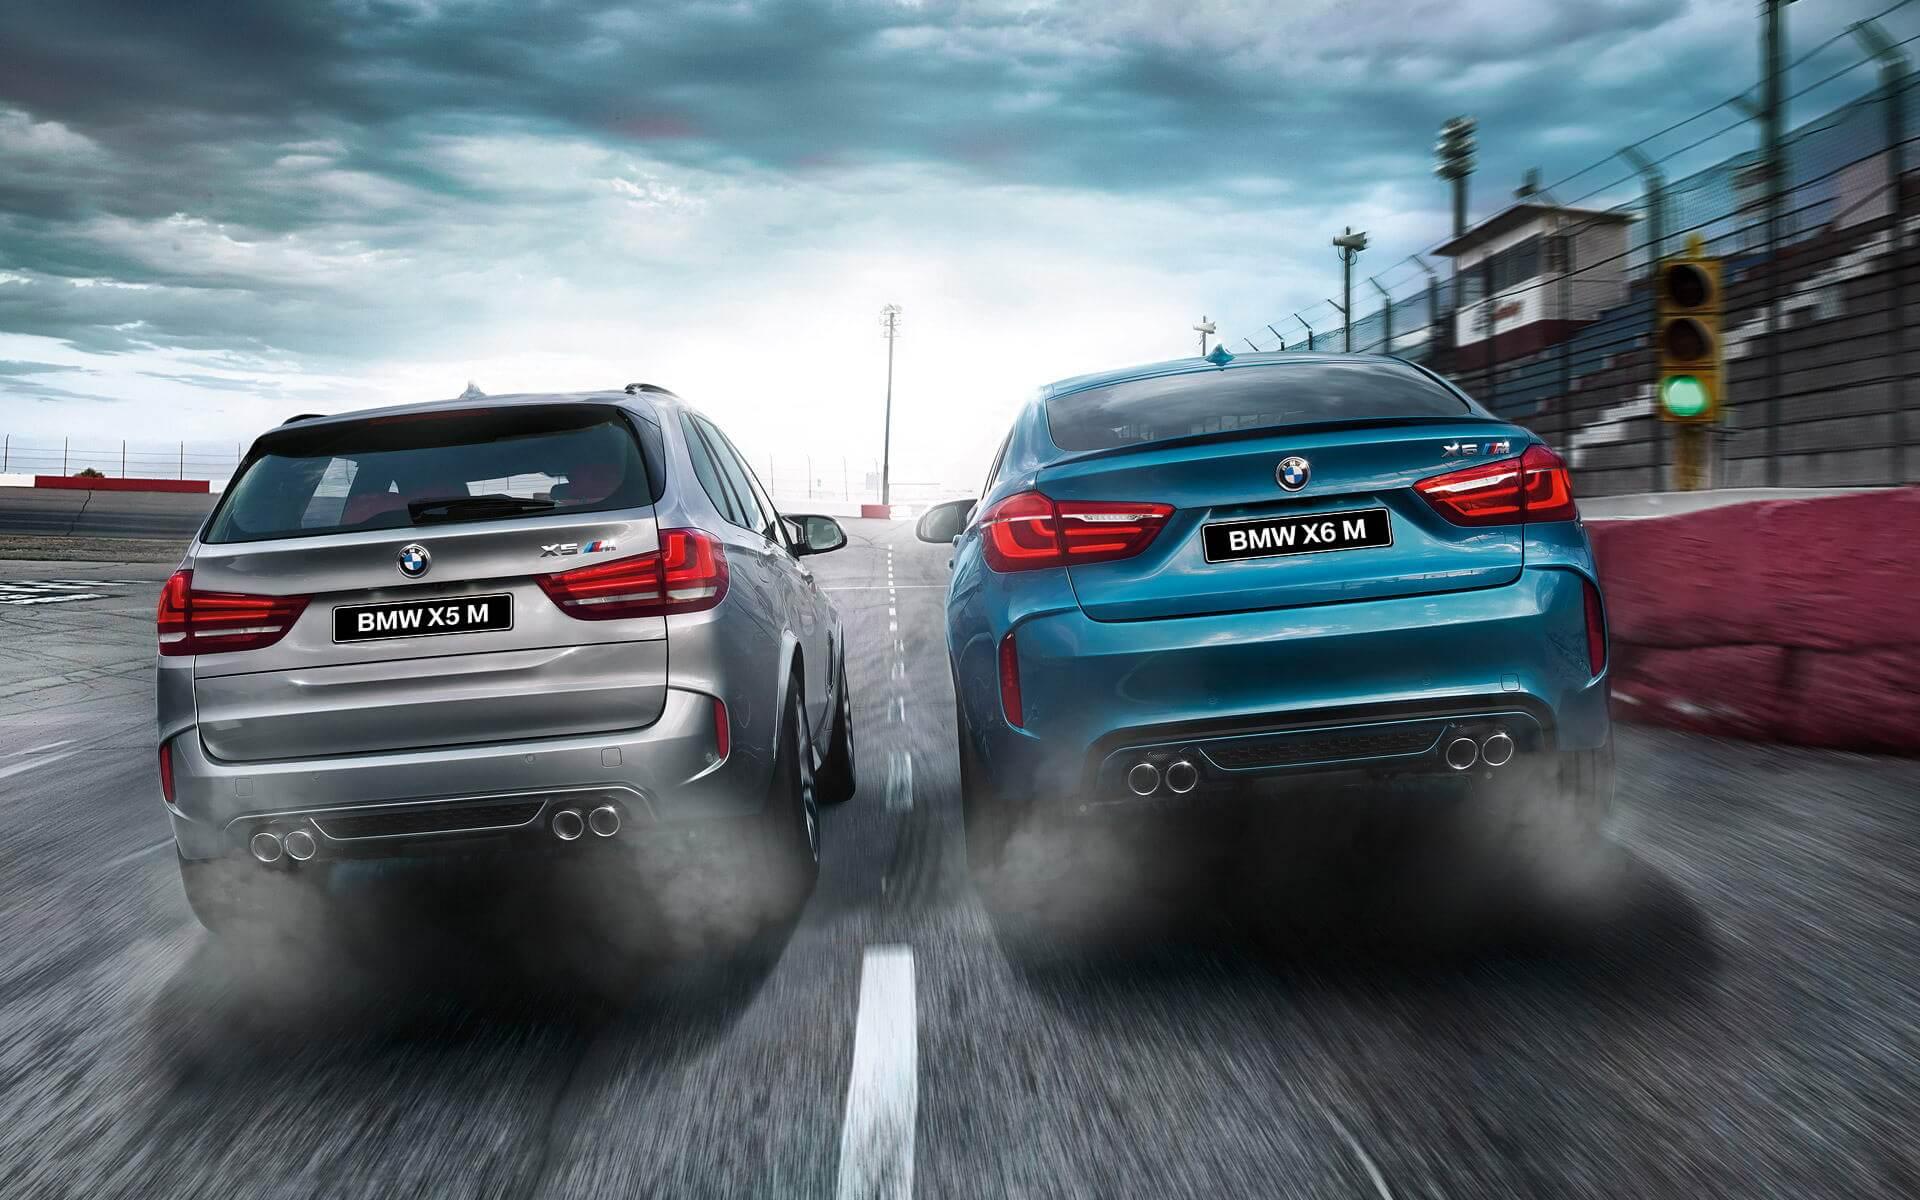 Характеристики BMW X5 M 2015 и BMW X6 M 2015